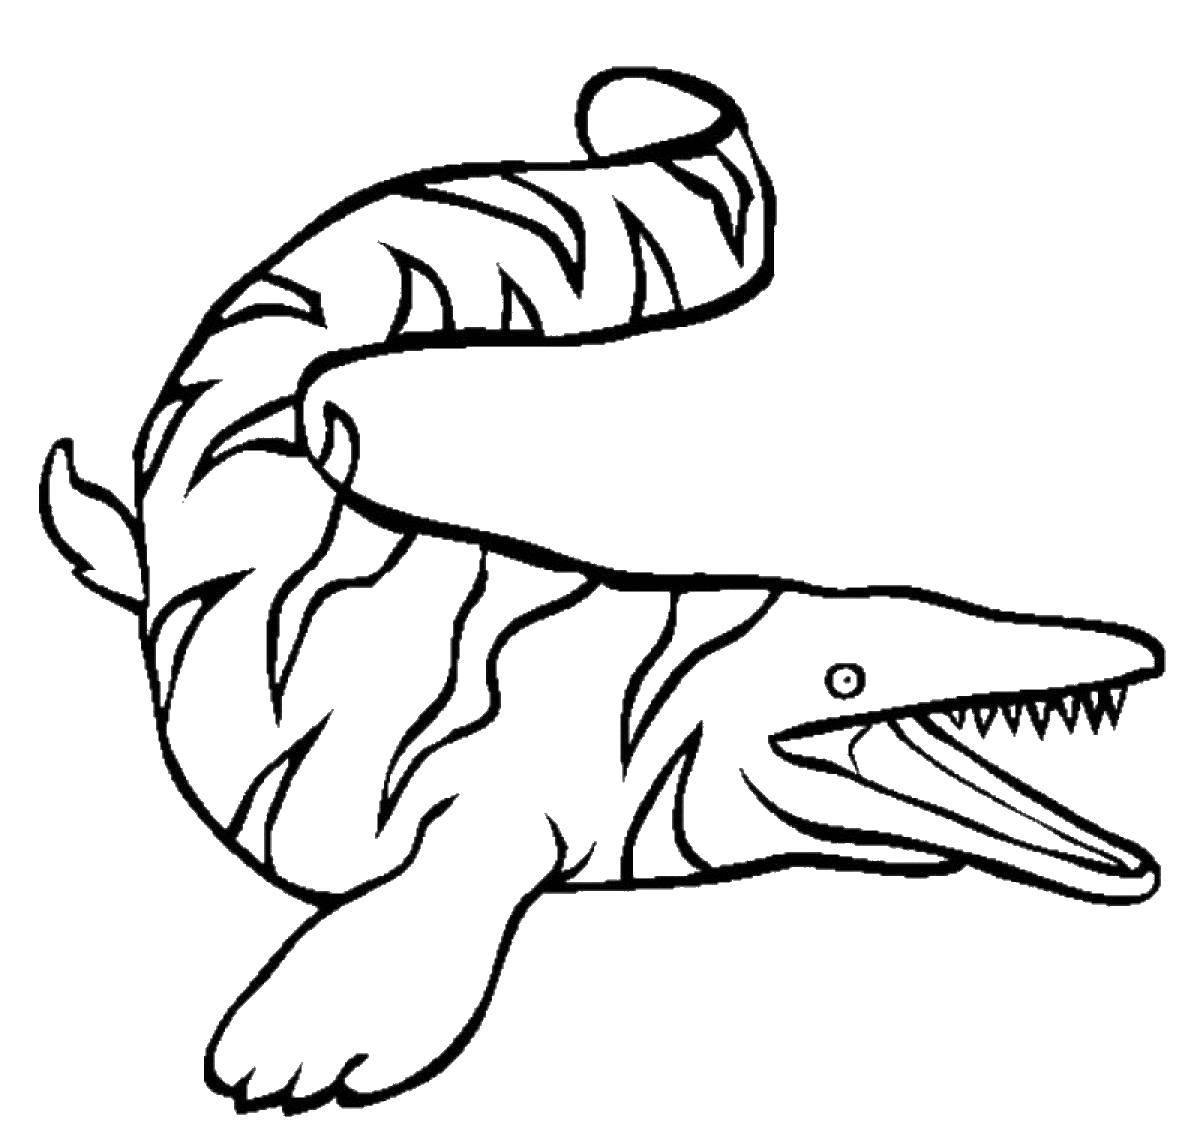 Раскраска Водный динозавр. Скачать парк юрского периода, динозавры.  Распечатать ,парк юрского периода,